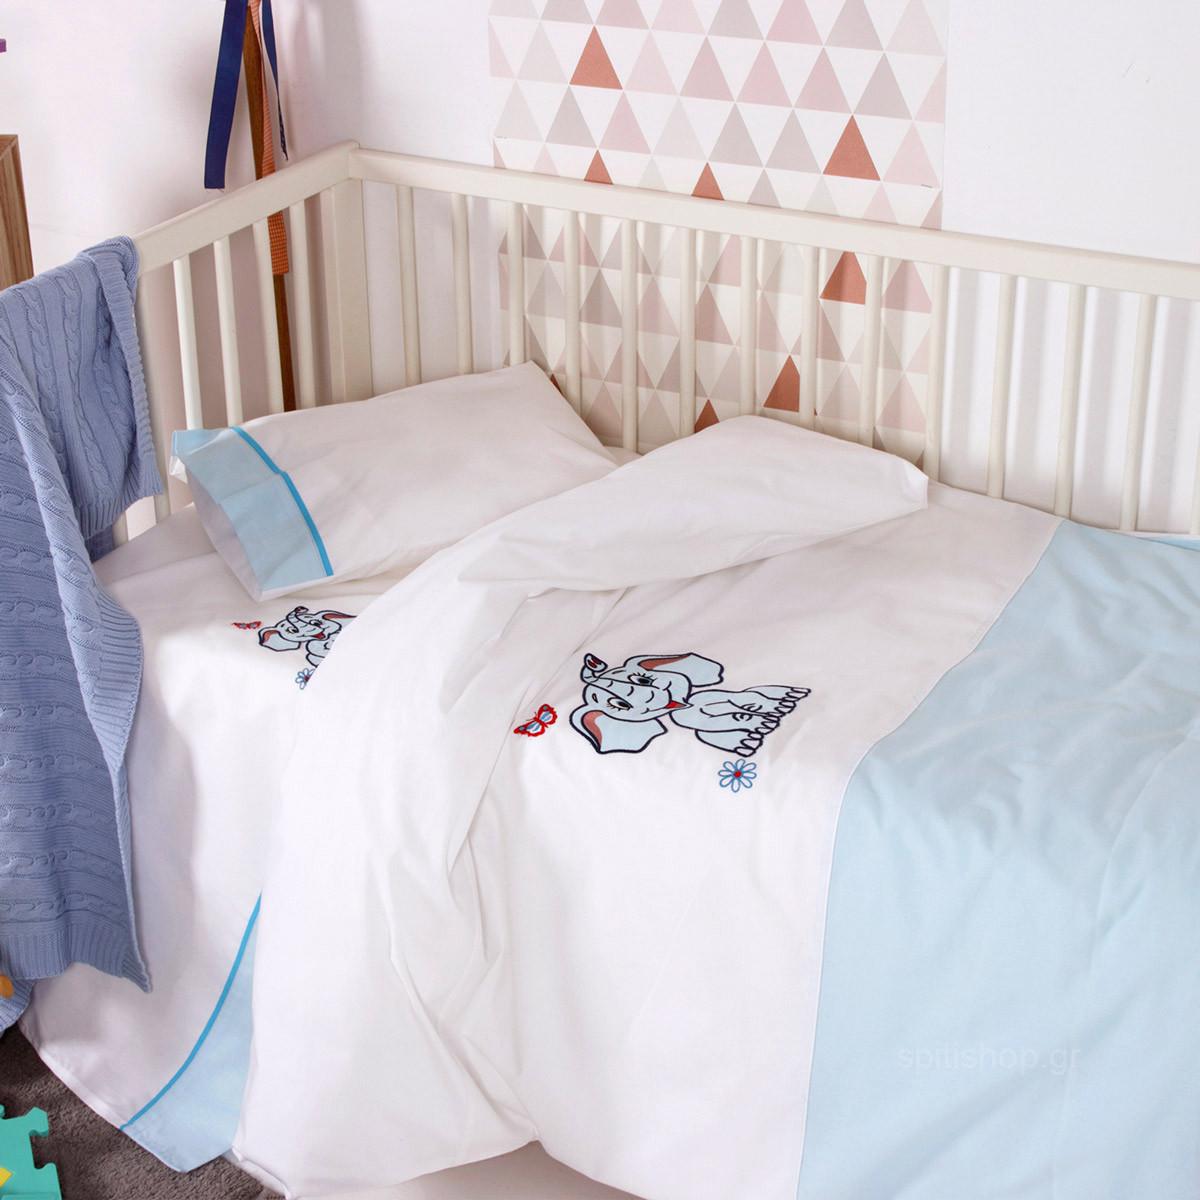 Σεντόνια Κούνιας (Σετ) Sb Home Baby Dumbo Blue